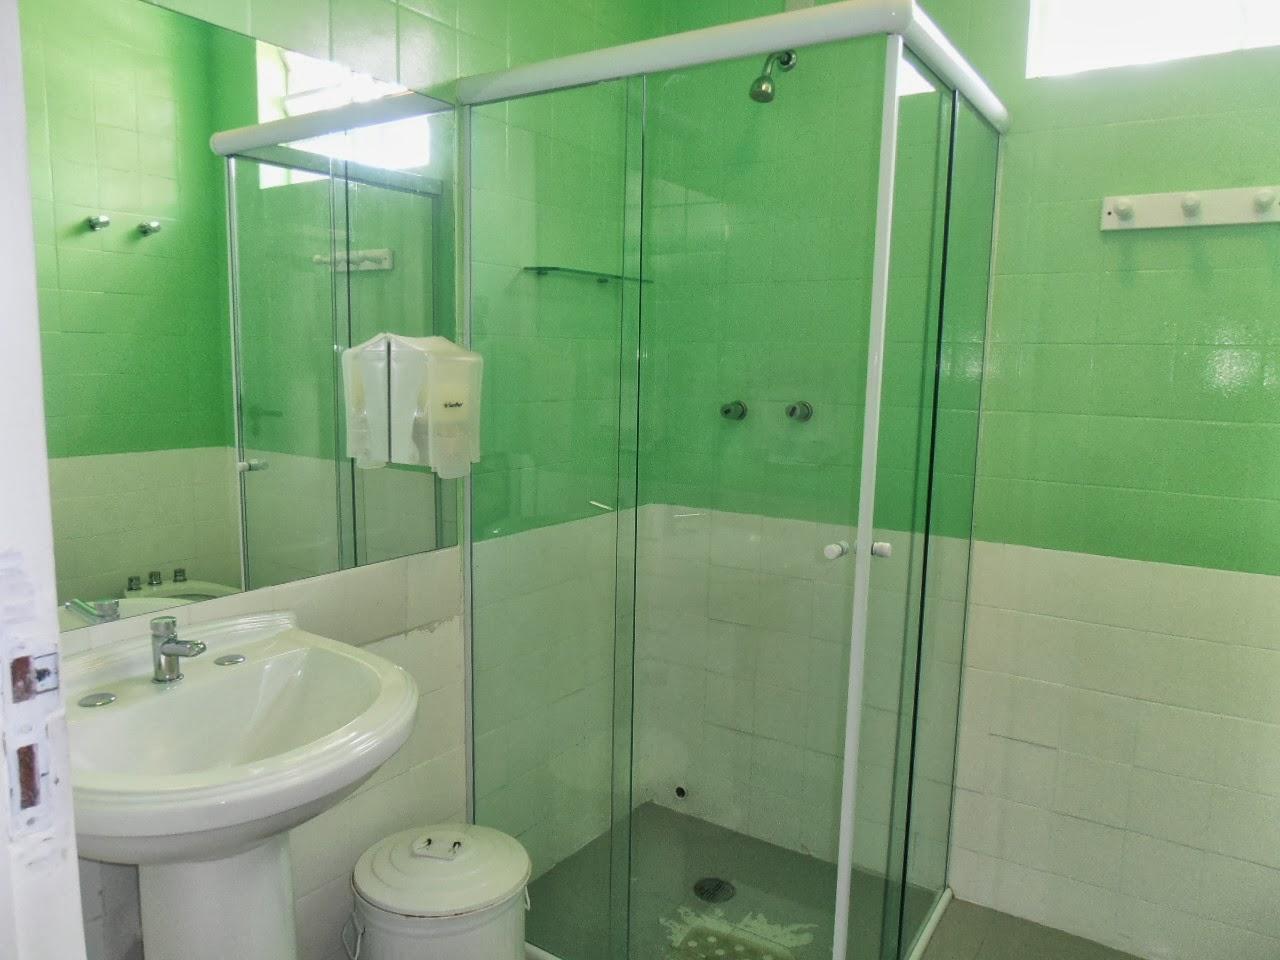 Viagens Por Aí: SÃO PAULO ALGUNS HOSTELS E PEQUENAS HOSPEDAGENS #49824D 1280x960 Banheiro Compartilhado Hotel